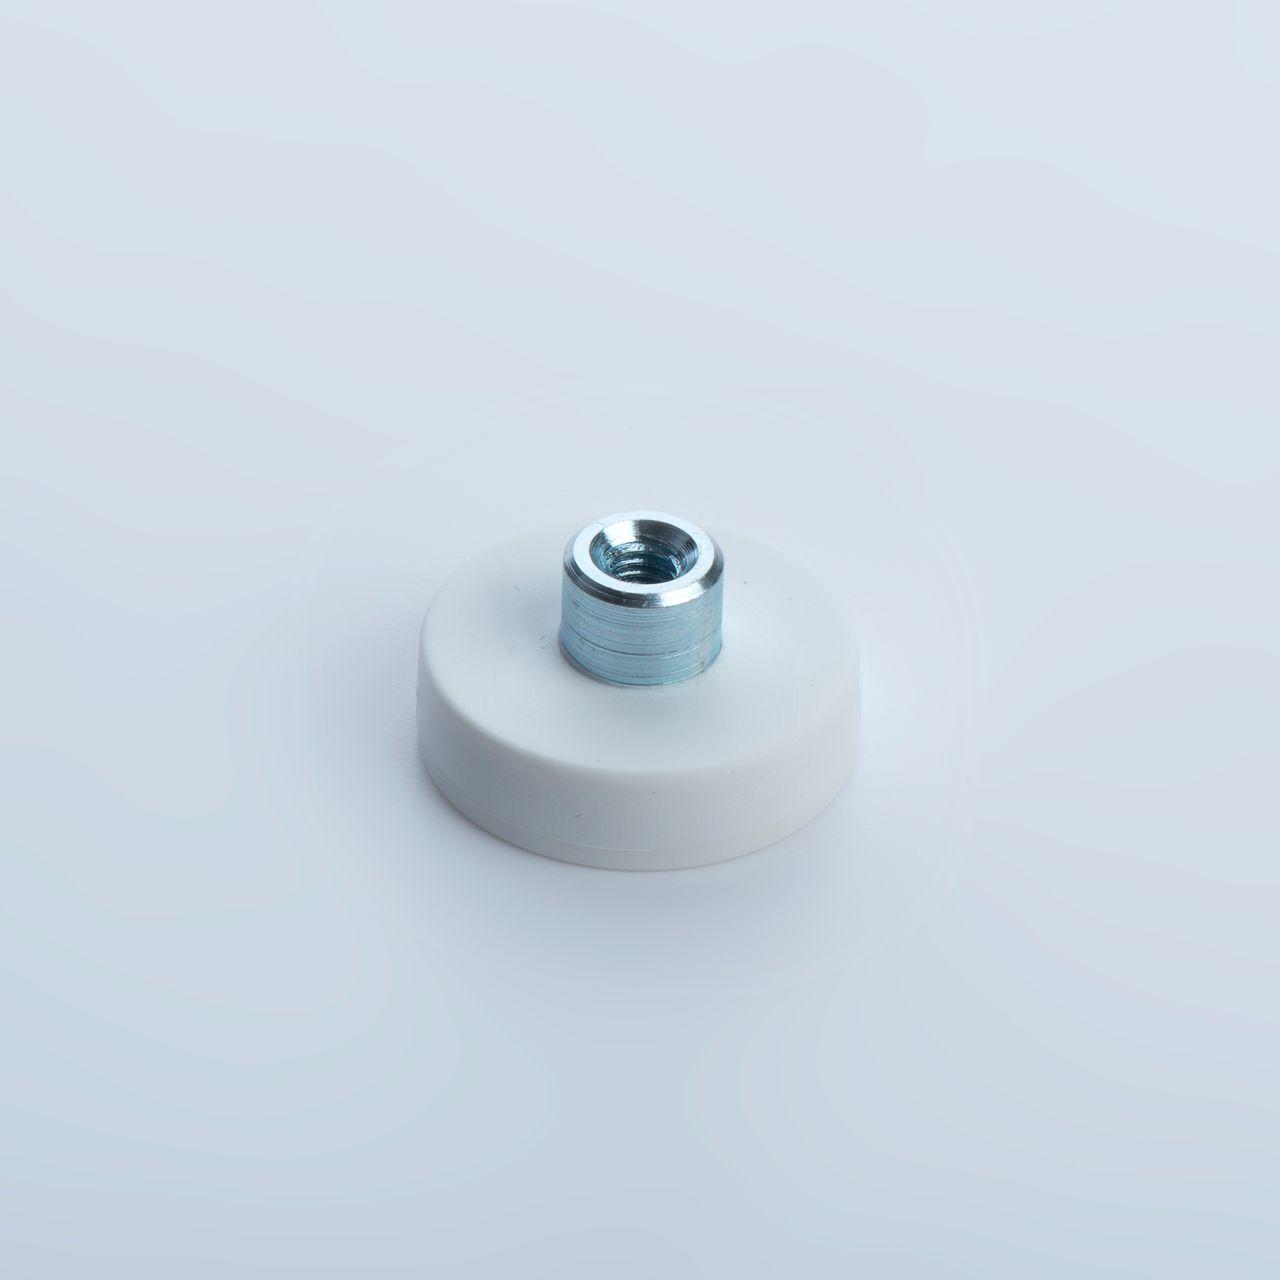 Flachgreifer aus Neodym mit Gewindebuchse, weiß gummiert, thyssenkrupp Magnettechnik